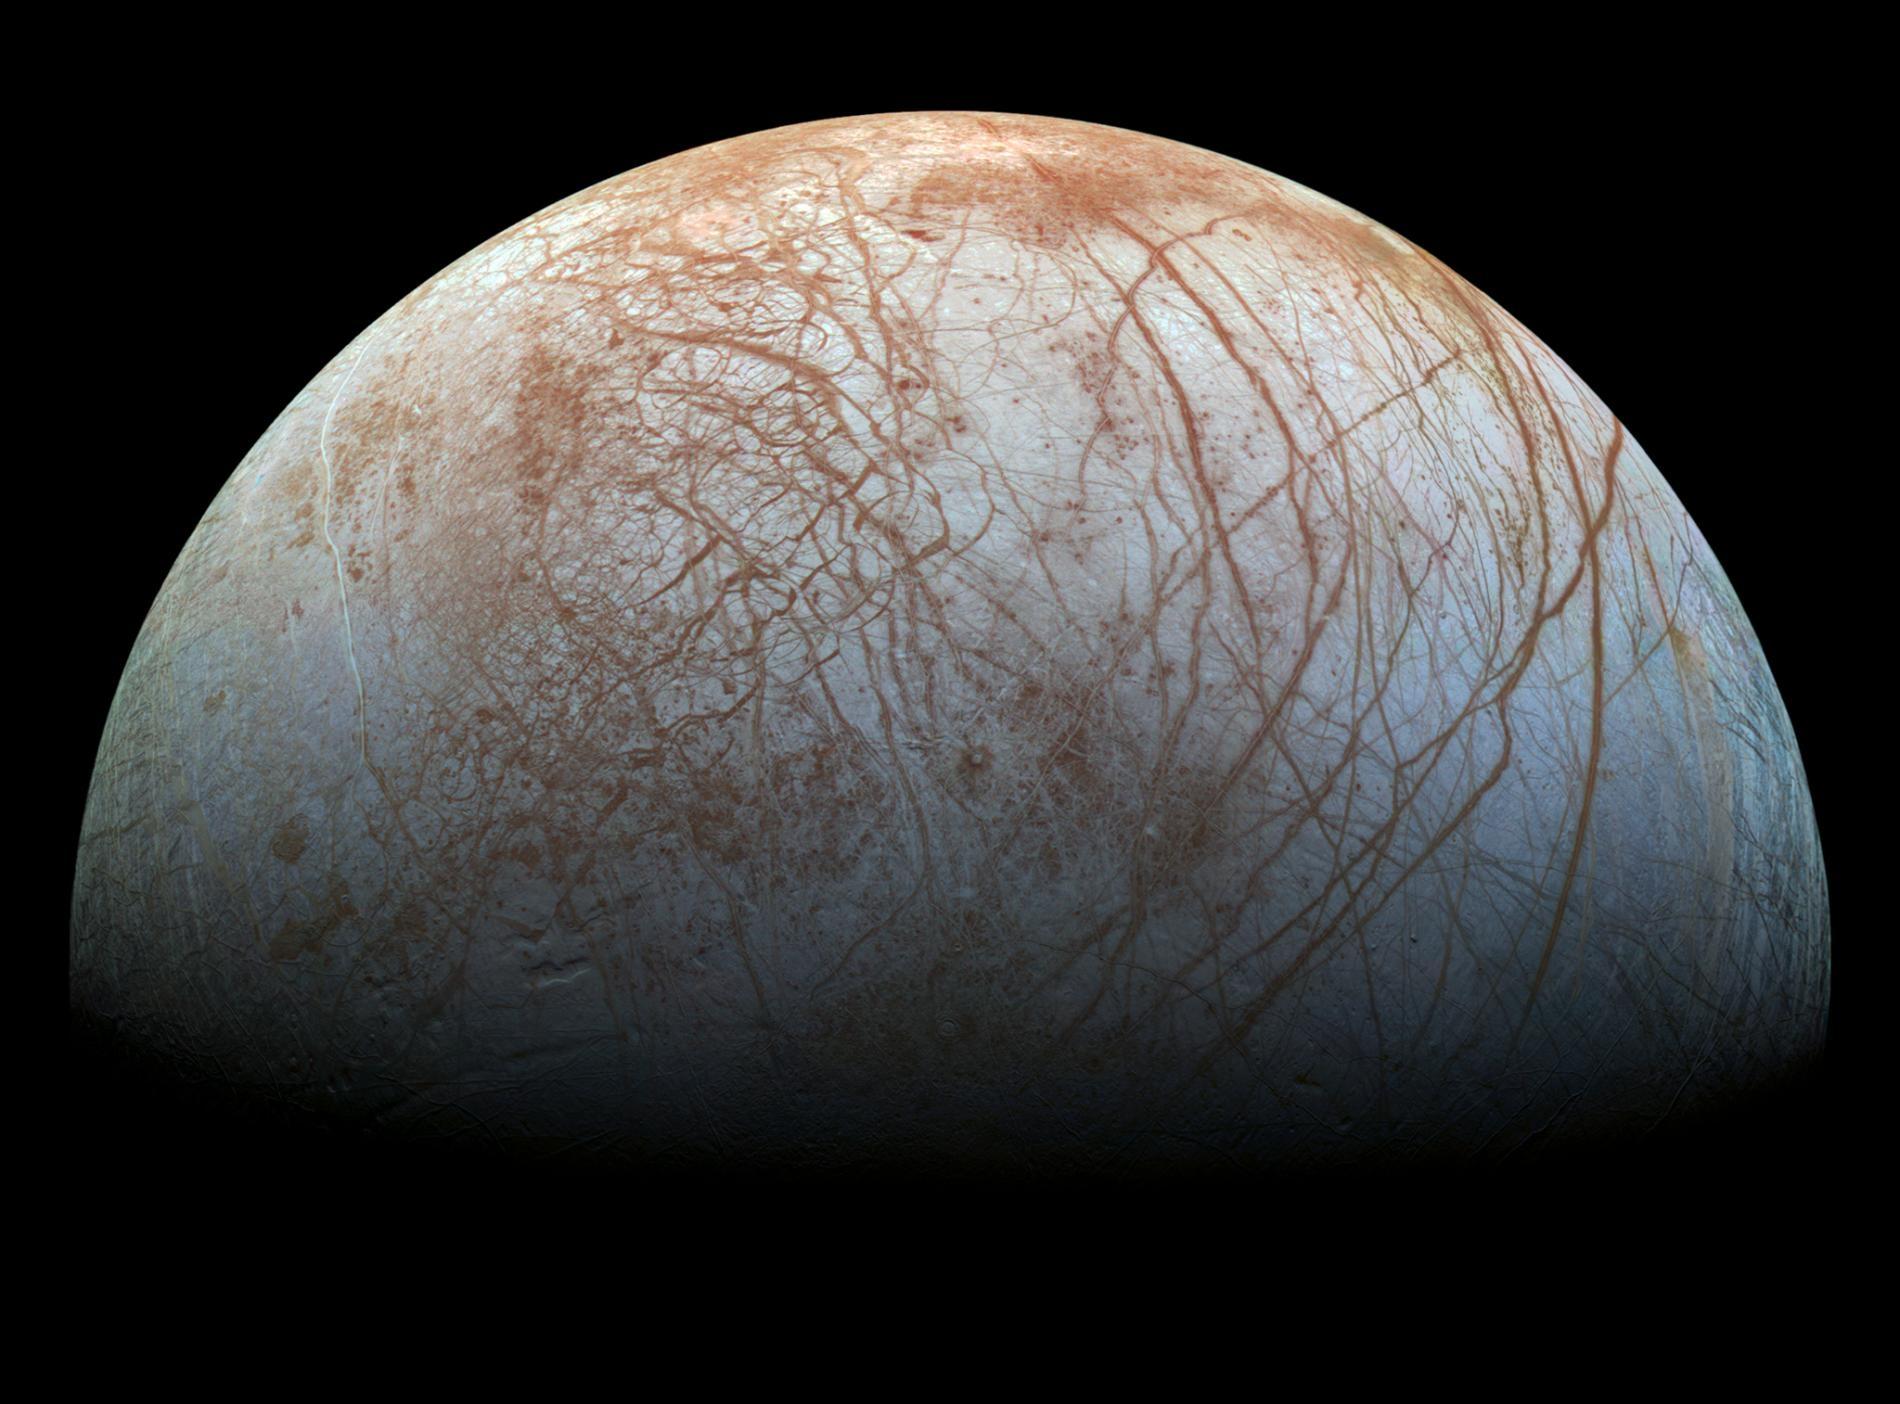 木星的第四大衛星──木衛二歐羅巴(Europa)在其冰冷外殼下方約65至160公里深處,擁有遍布全球的海洋。NASA/JPL-CALTECH/SETI INSTITUTE